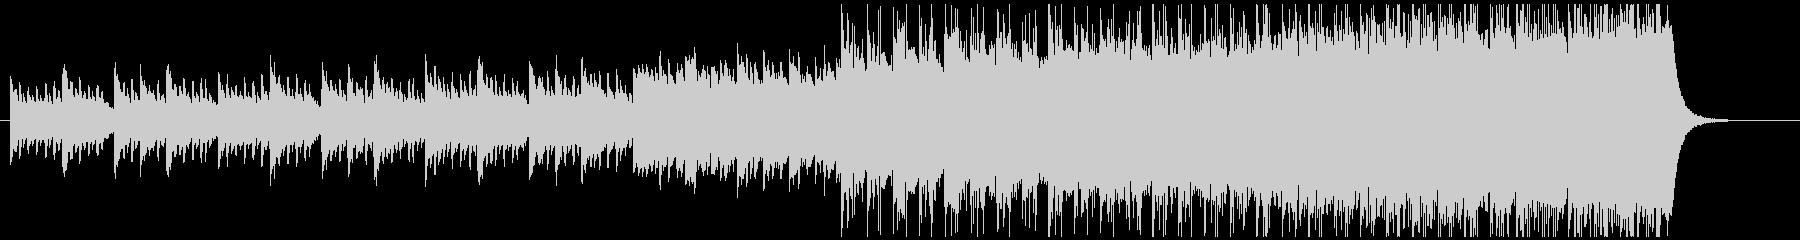 ピアノとエレクロサウンドの融合ポップスの未再生の波形